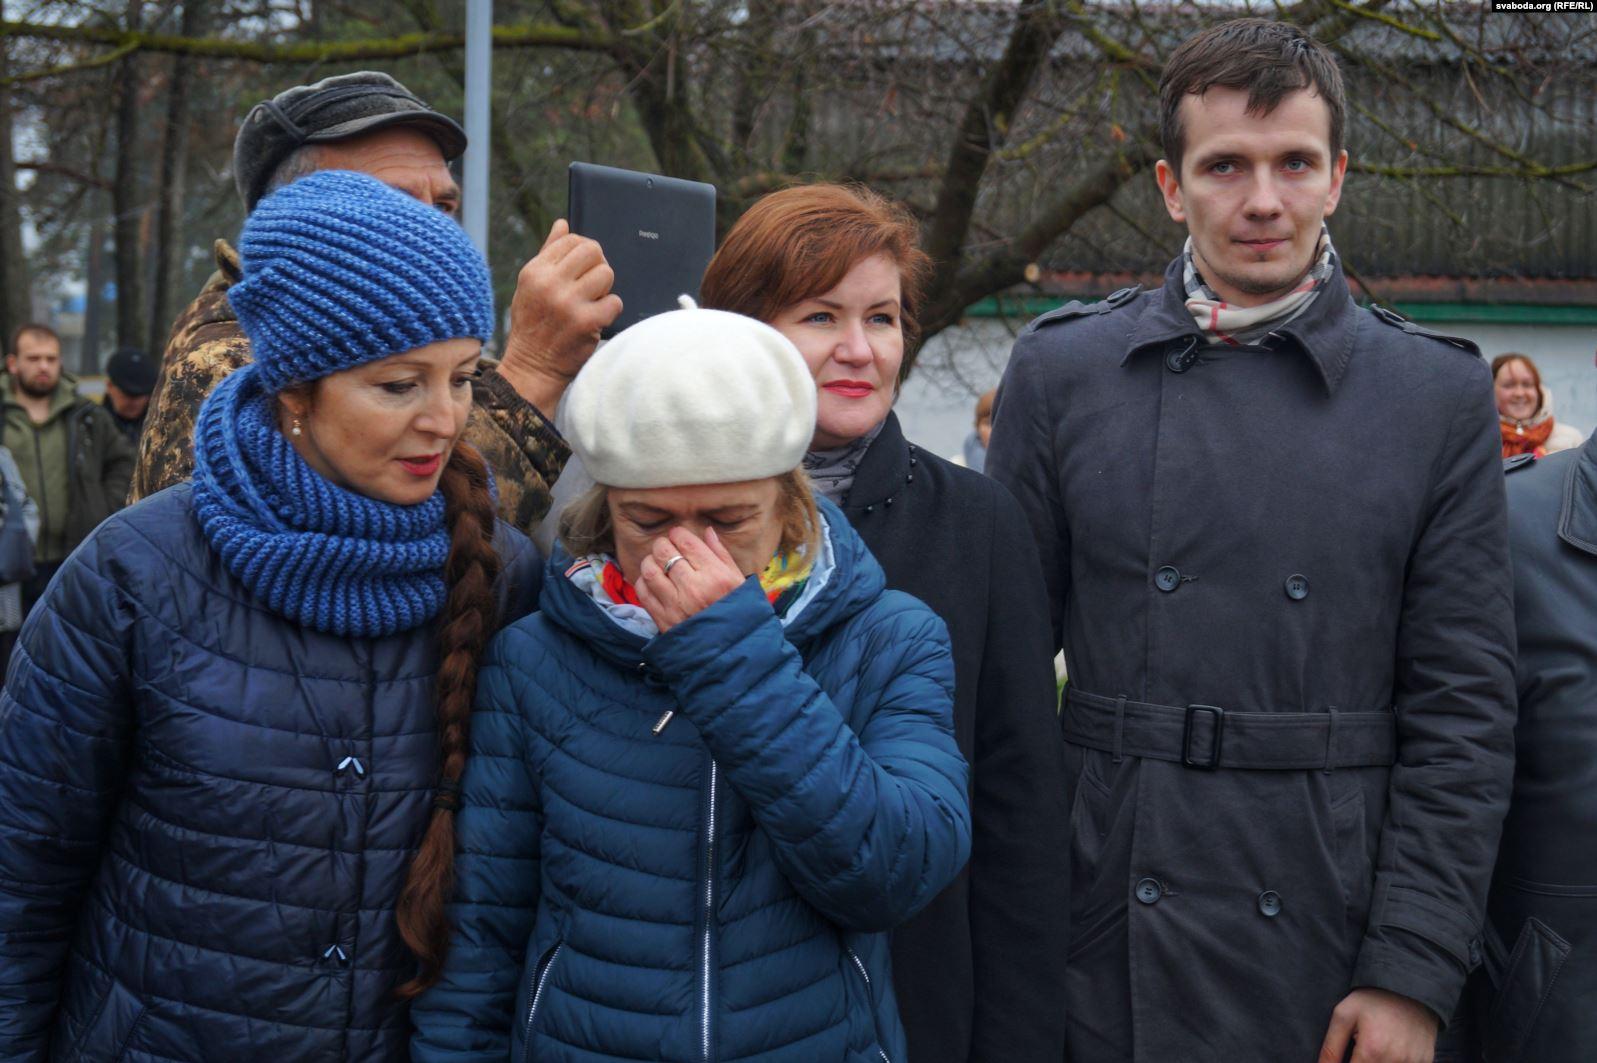 Дочь писателя Наталья Адамович около бюста расплакалась. Фото: svaboda.org